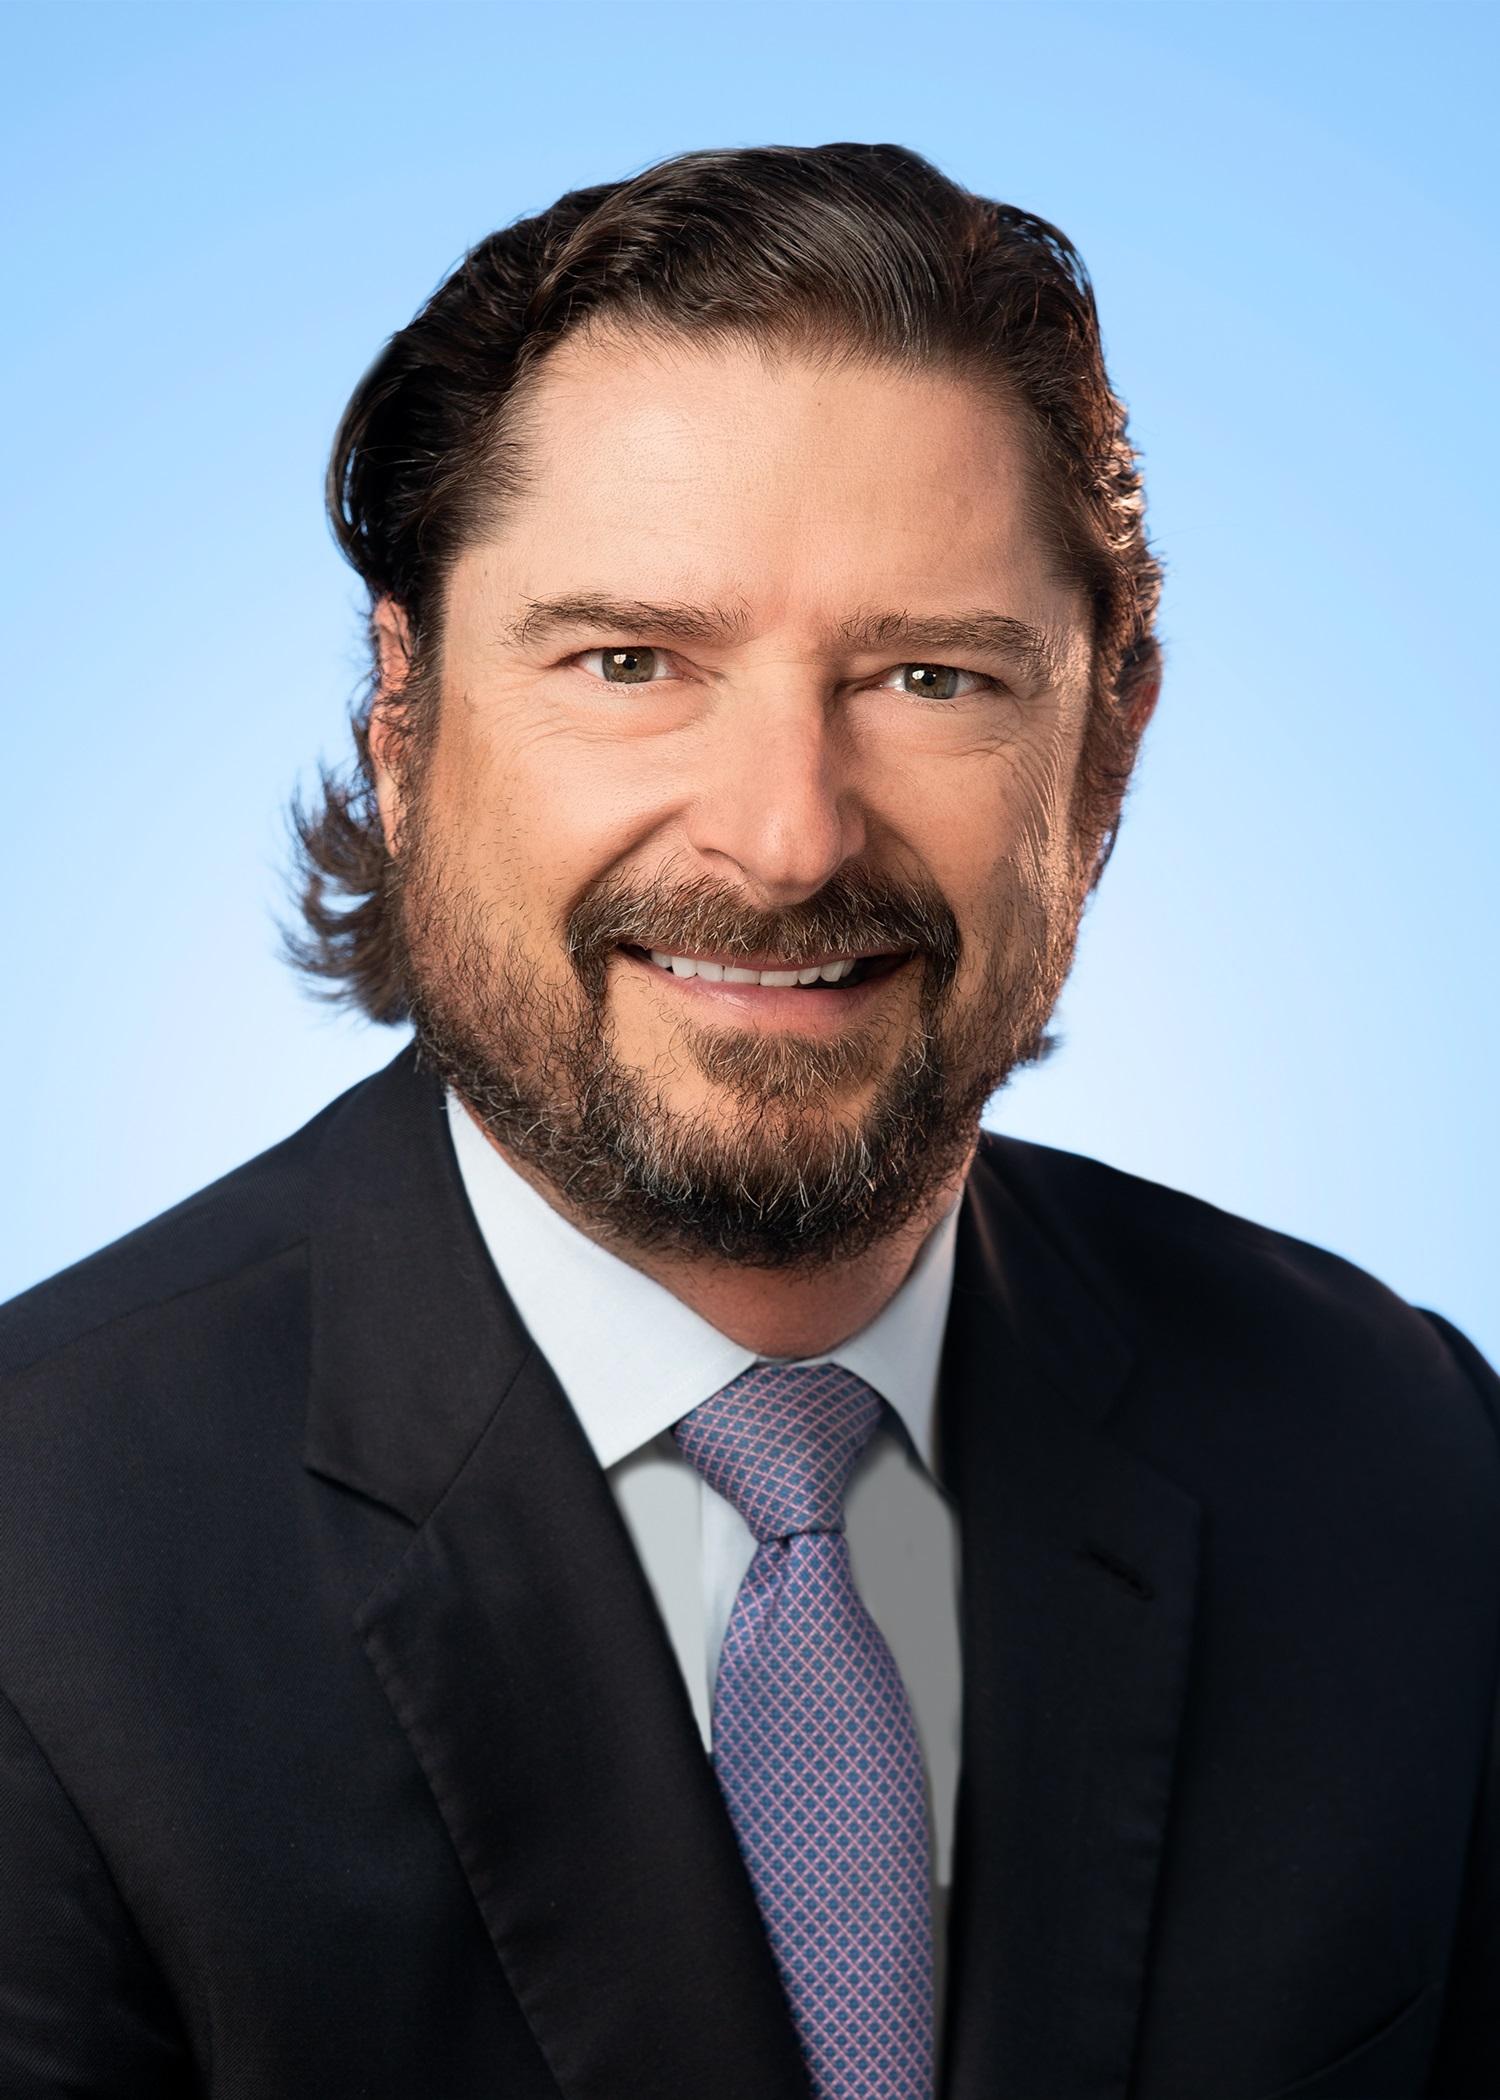 John Chiminski